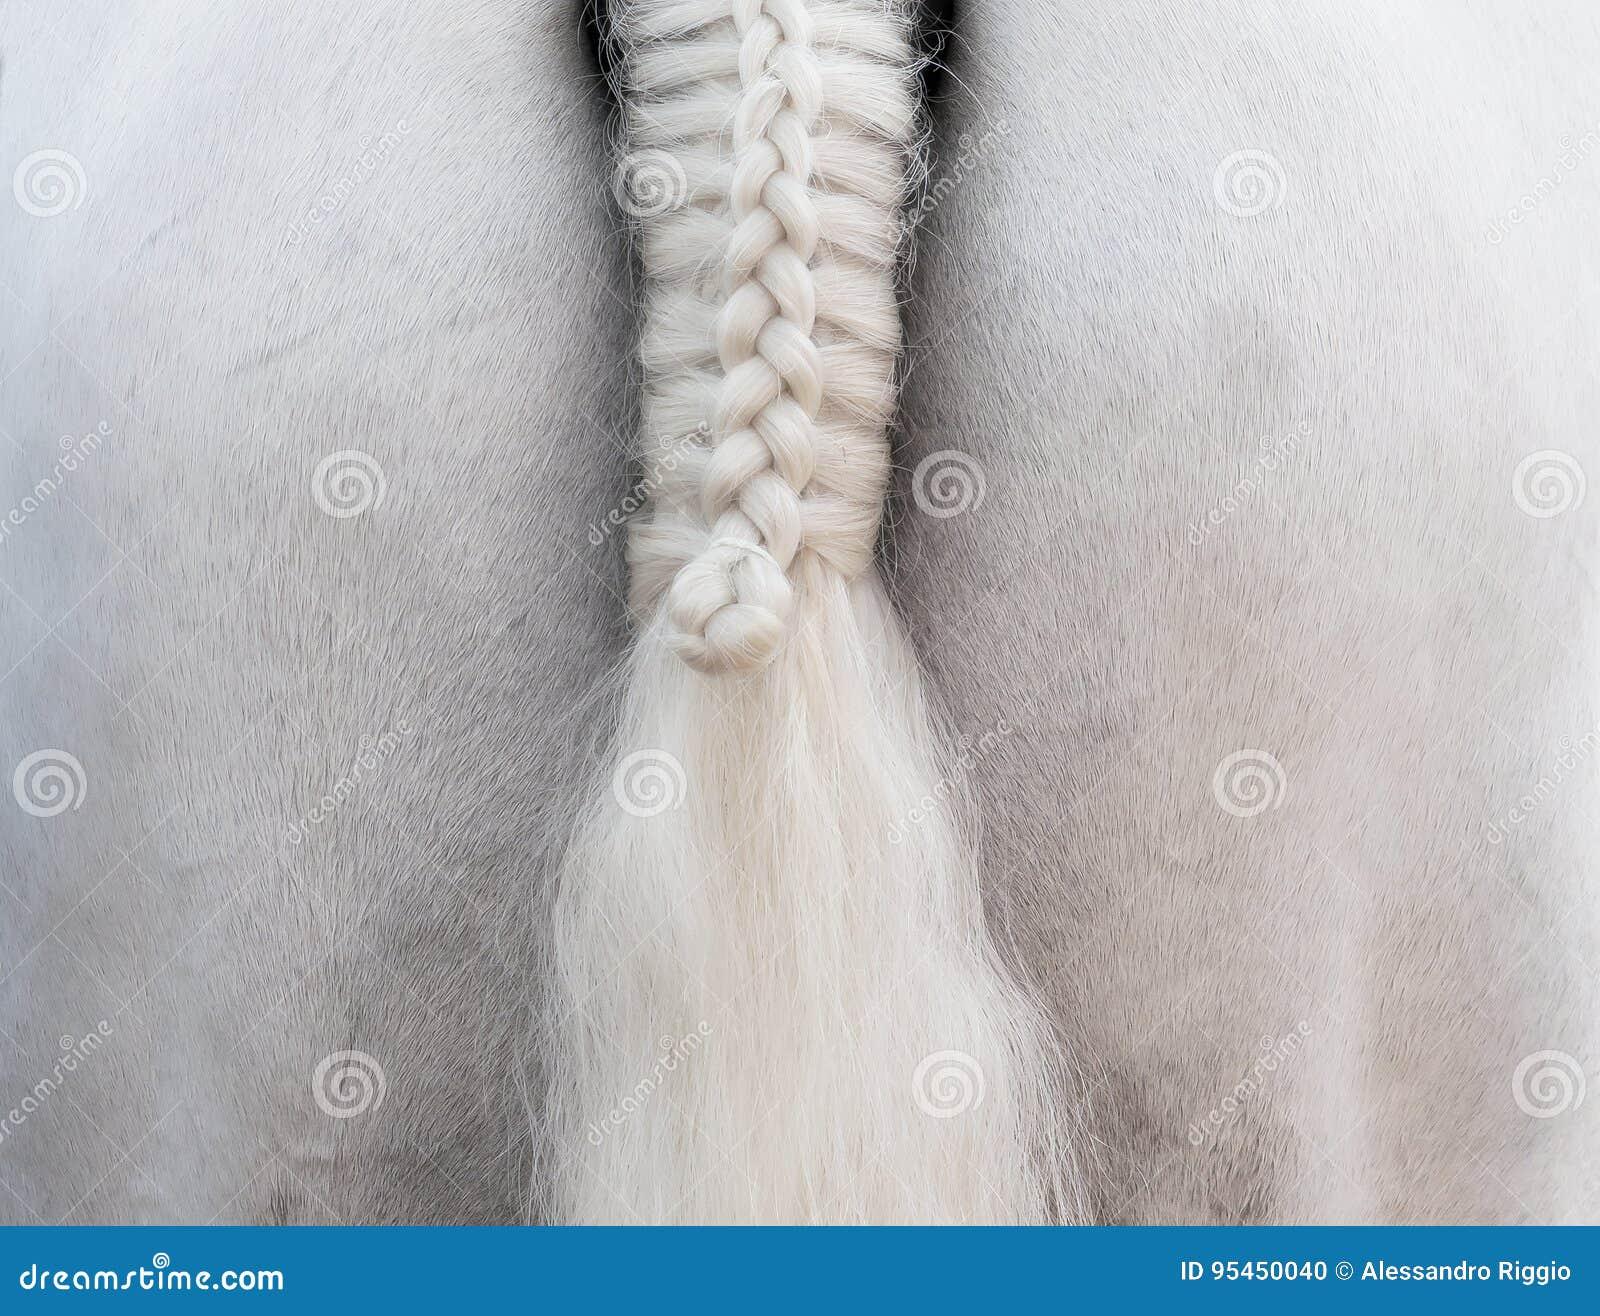 Cavallo bianco: una coda della treccia